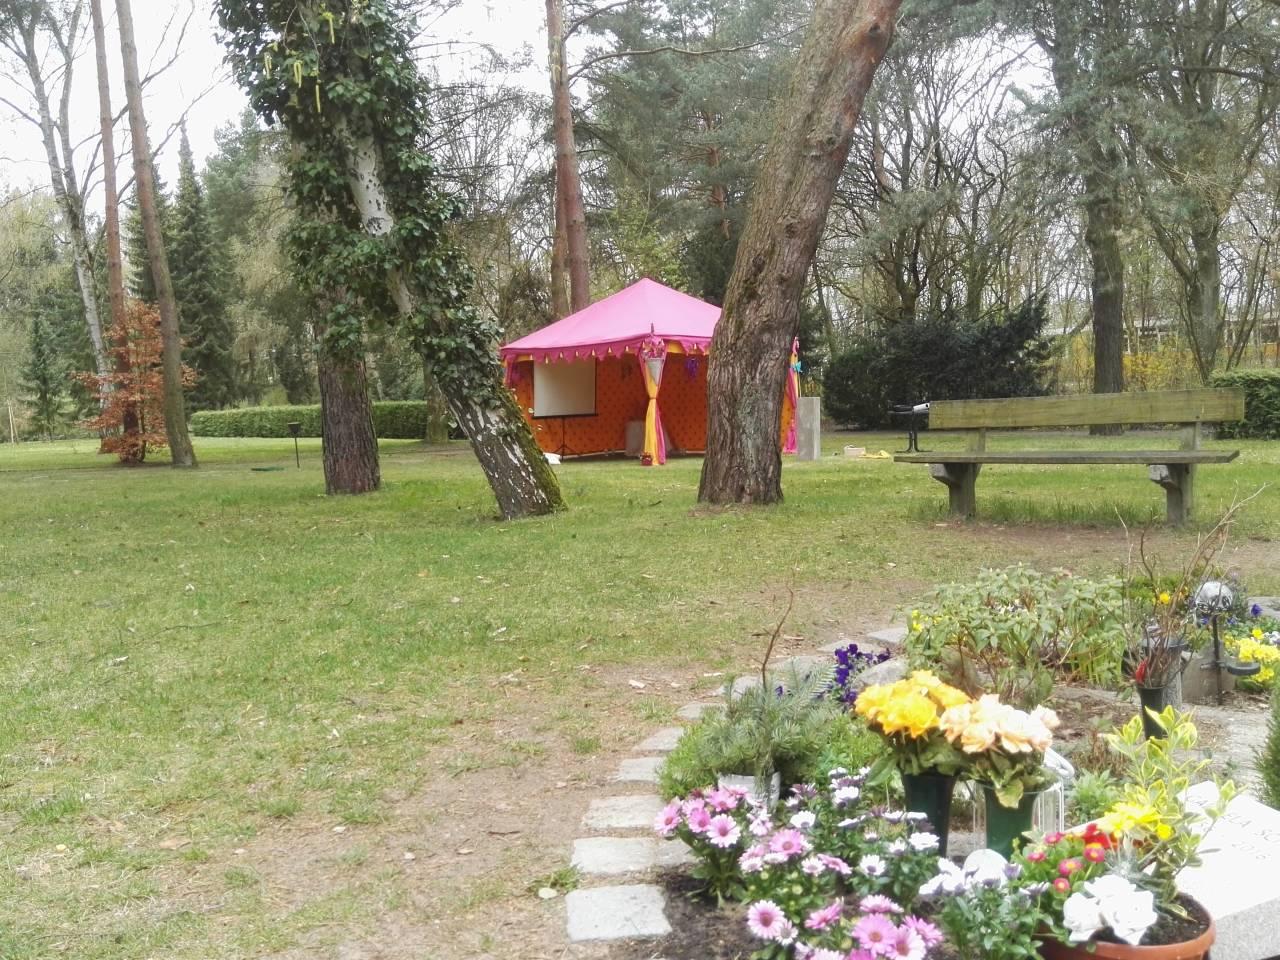 Zelte für ein Trauerfeier, Friedhof Bestattung, Urnbeisetzung